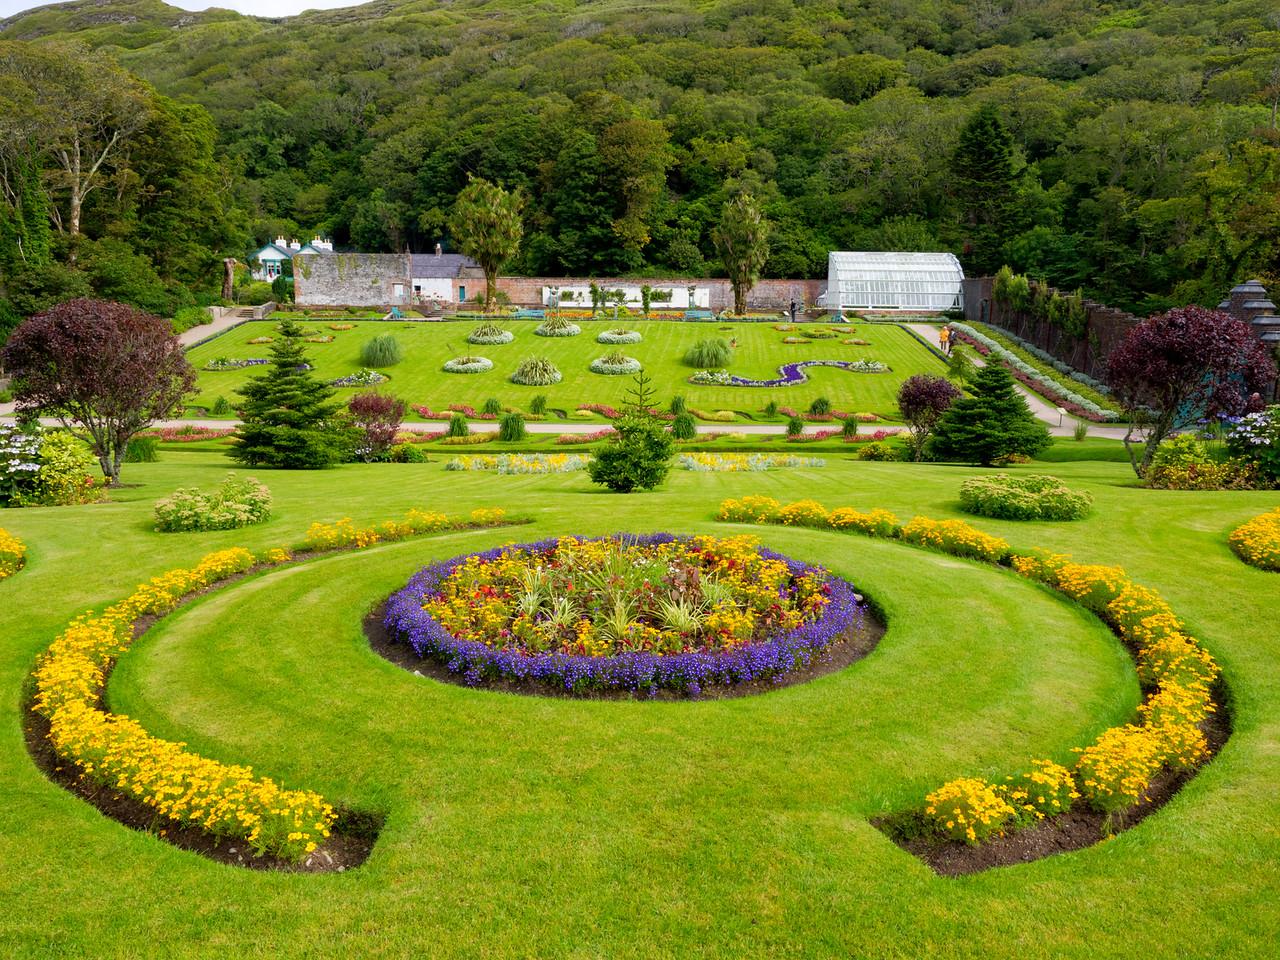 Kylemore Abbey Garden